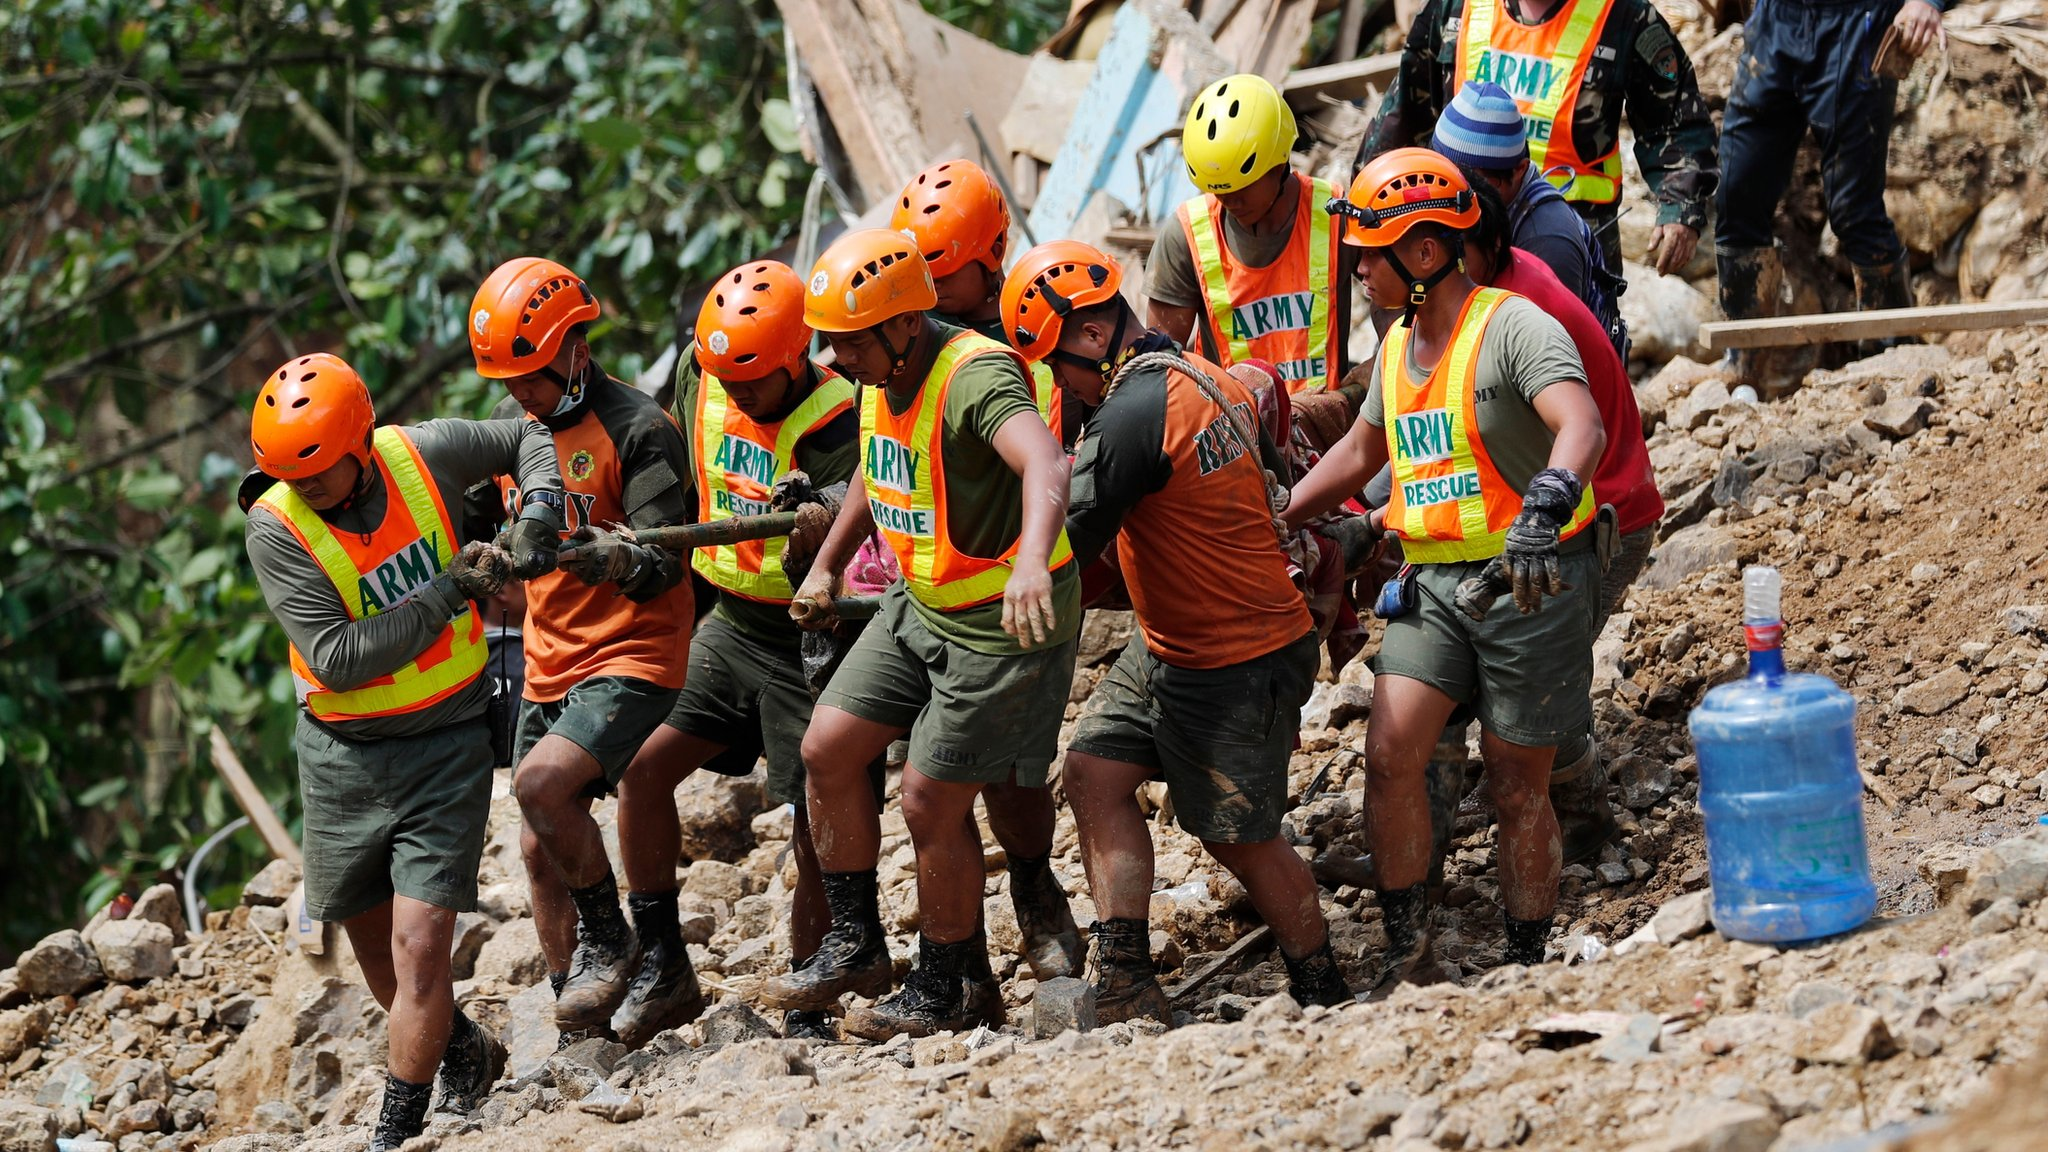 Тайфун на Філіппінах: зсув накрив десятки шахтарів з родинами